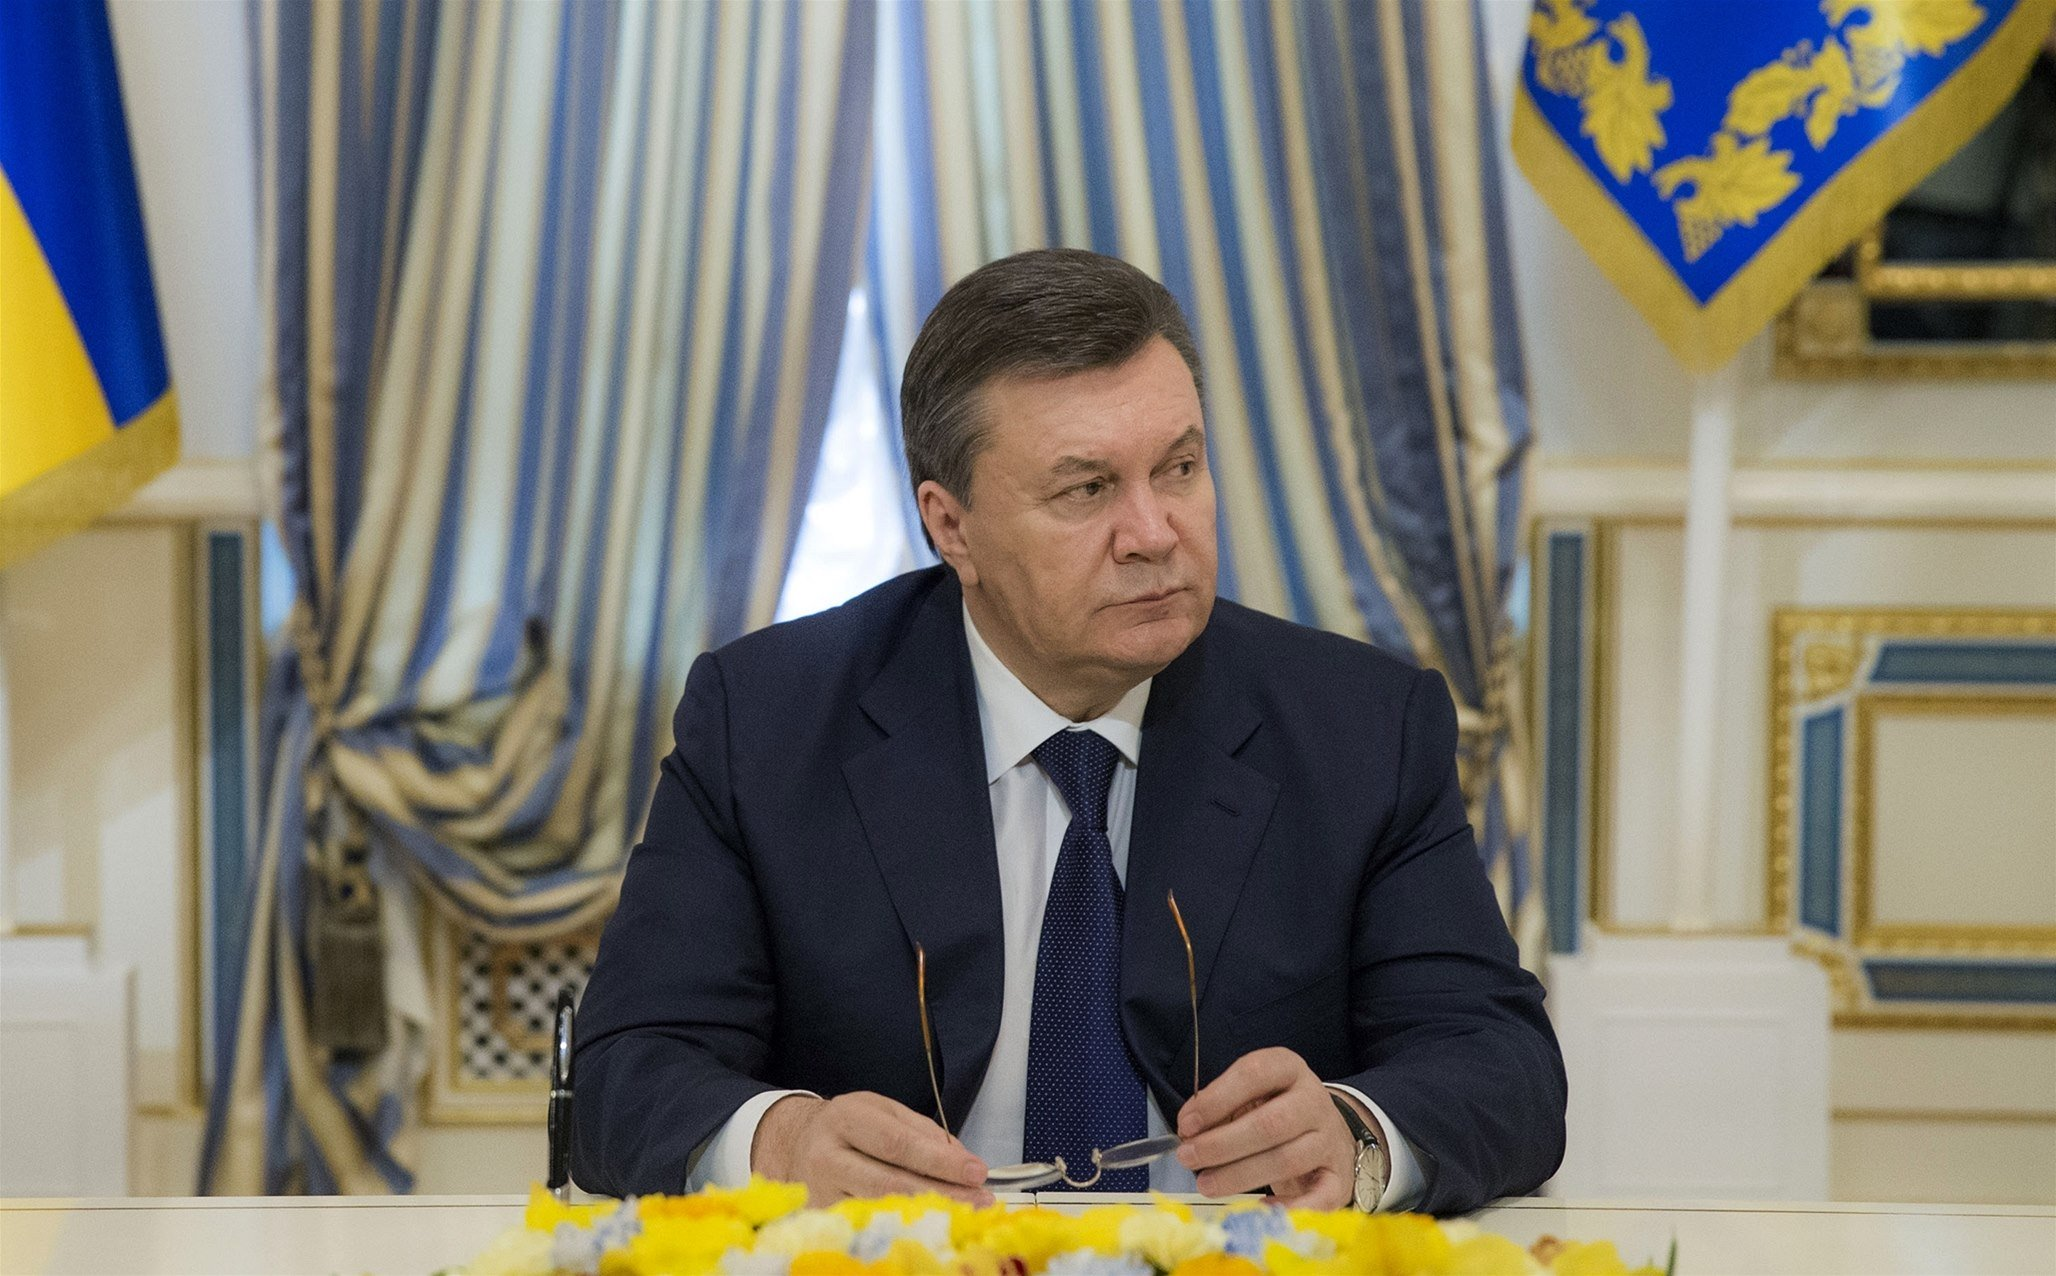 Сергей Лукьяненко: Когда переворот имеет все шансы на успех